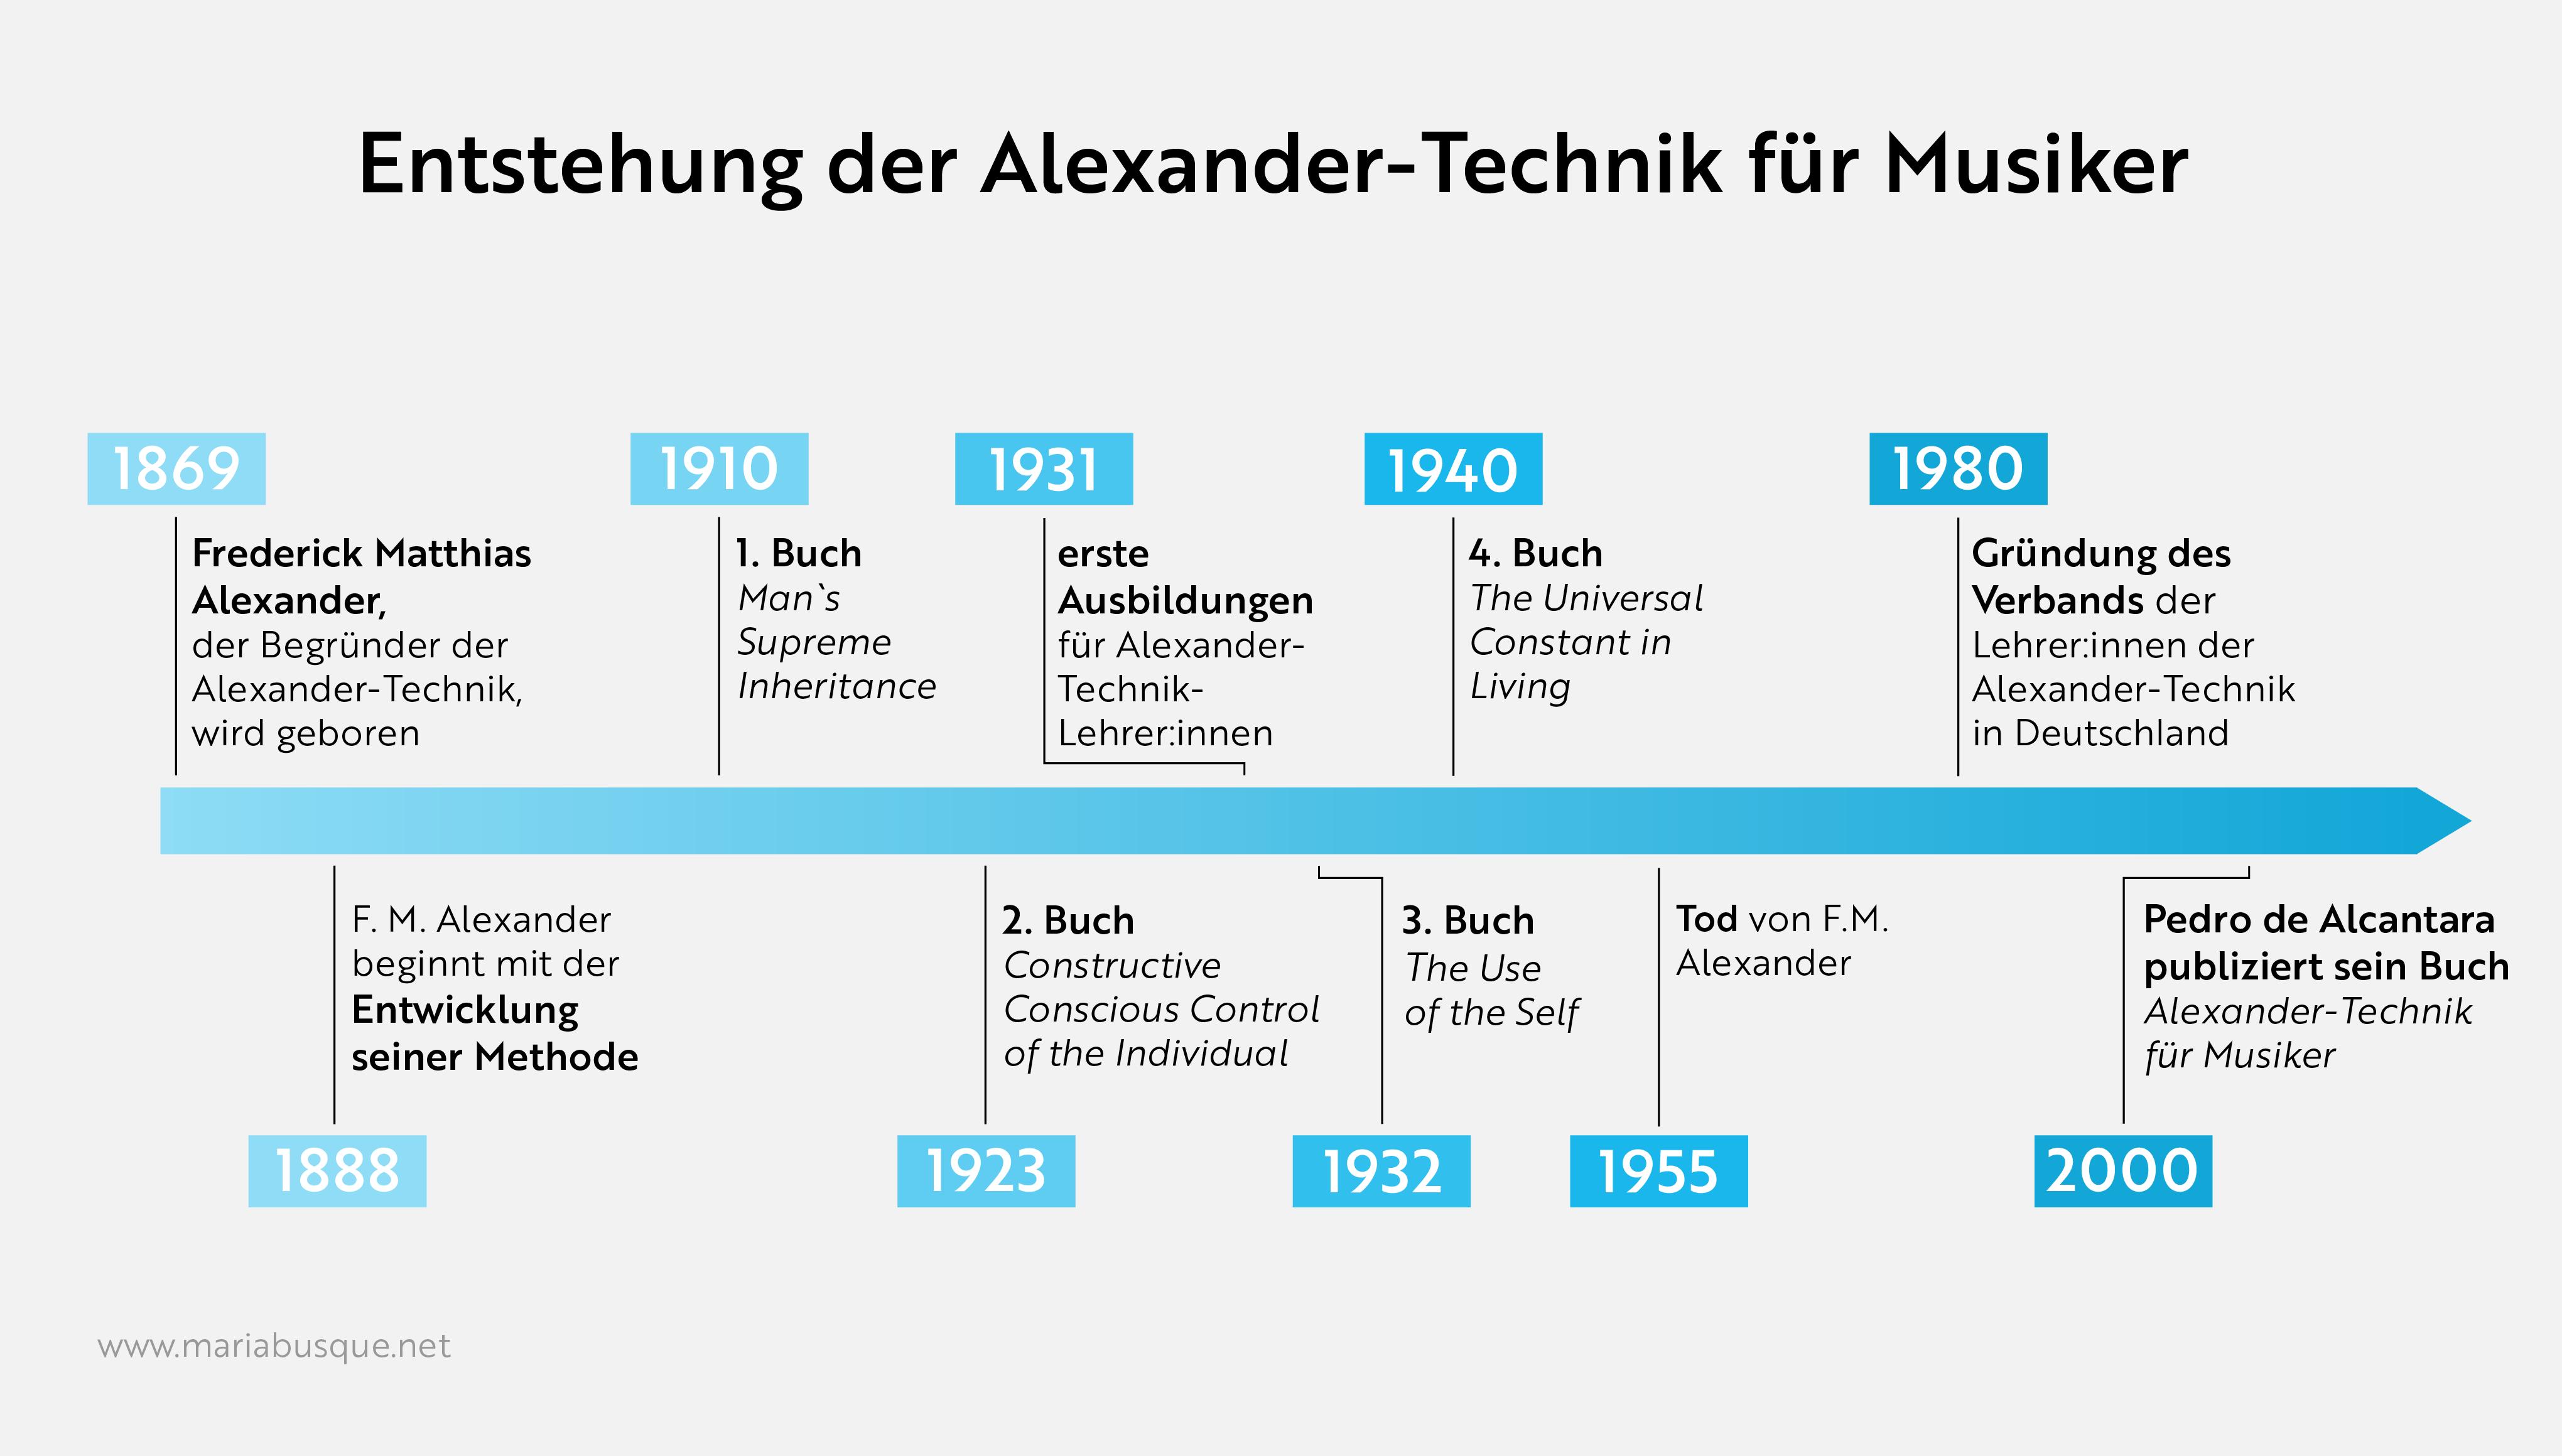 Zeitstrahl zur Entstehung der Alexander-Technik für Musiker